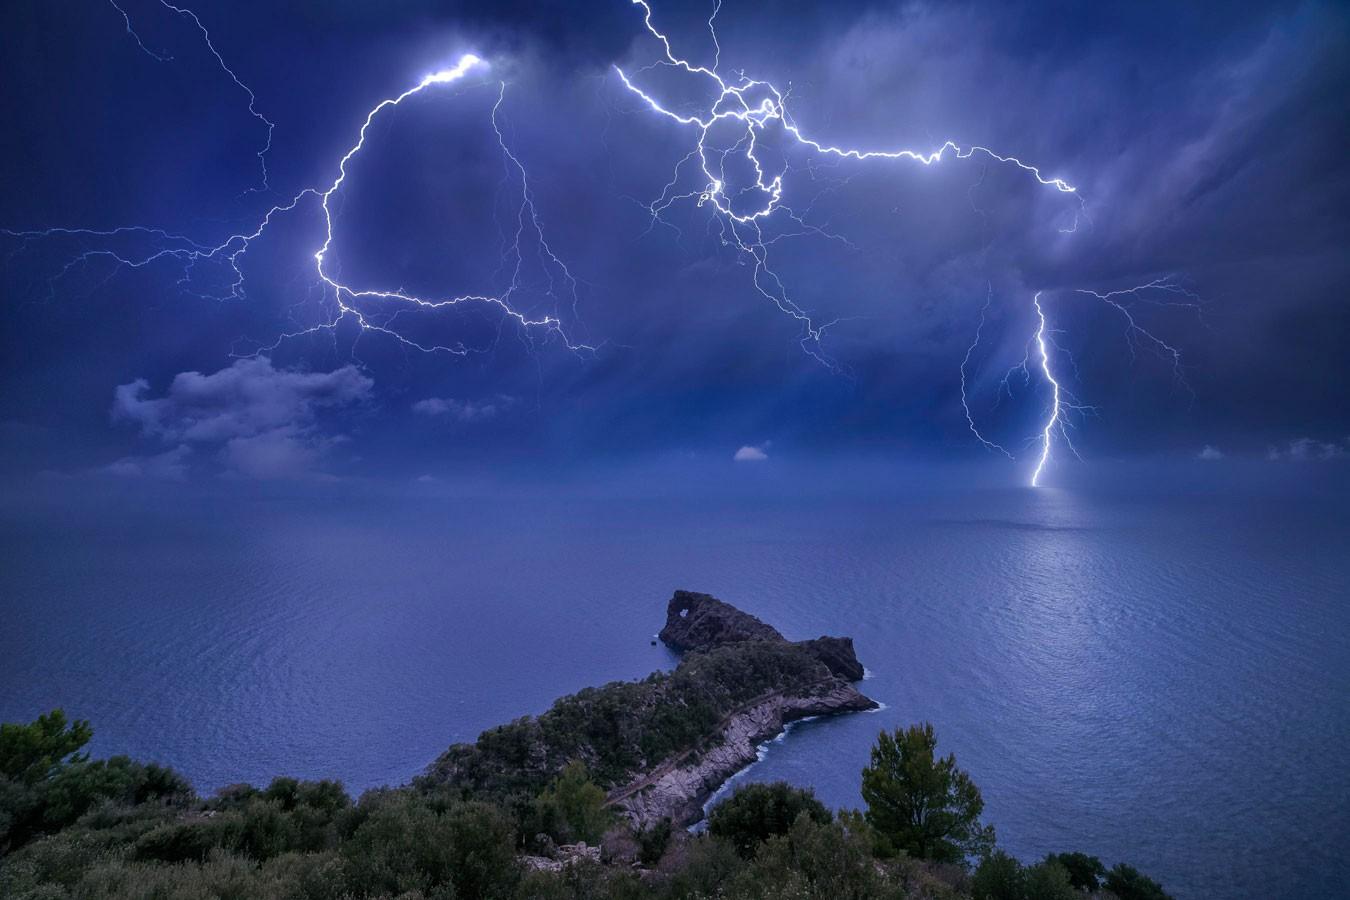 Tempestades em Mallorca, na Espanha  (Foto: Marc Marco Ripoll / RMets)